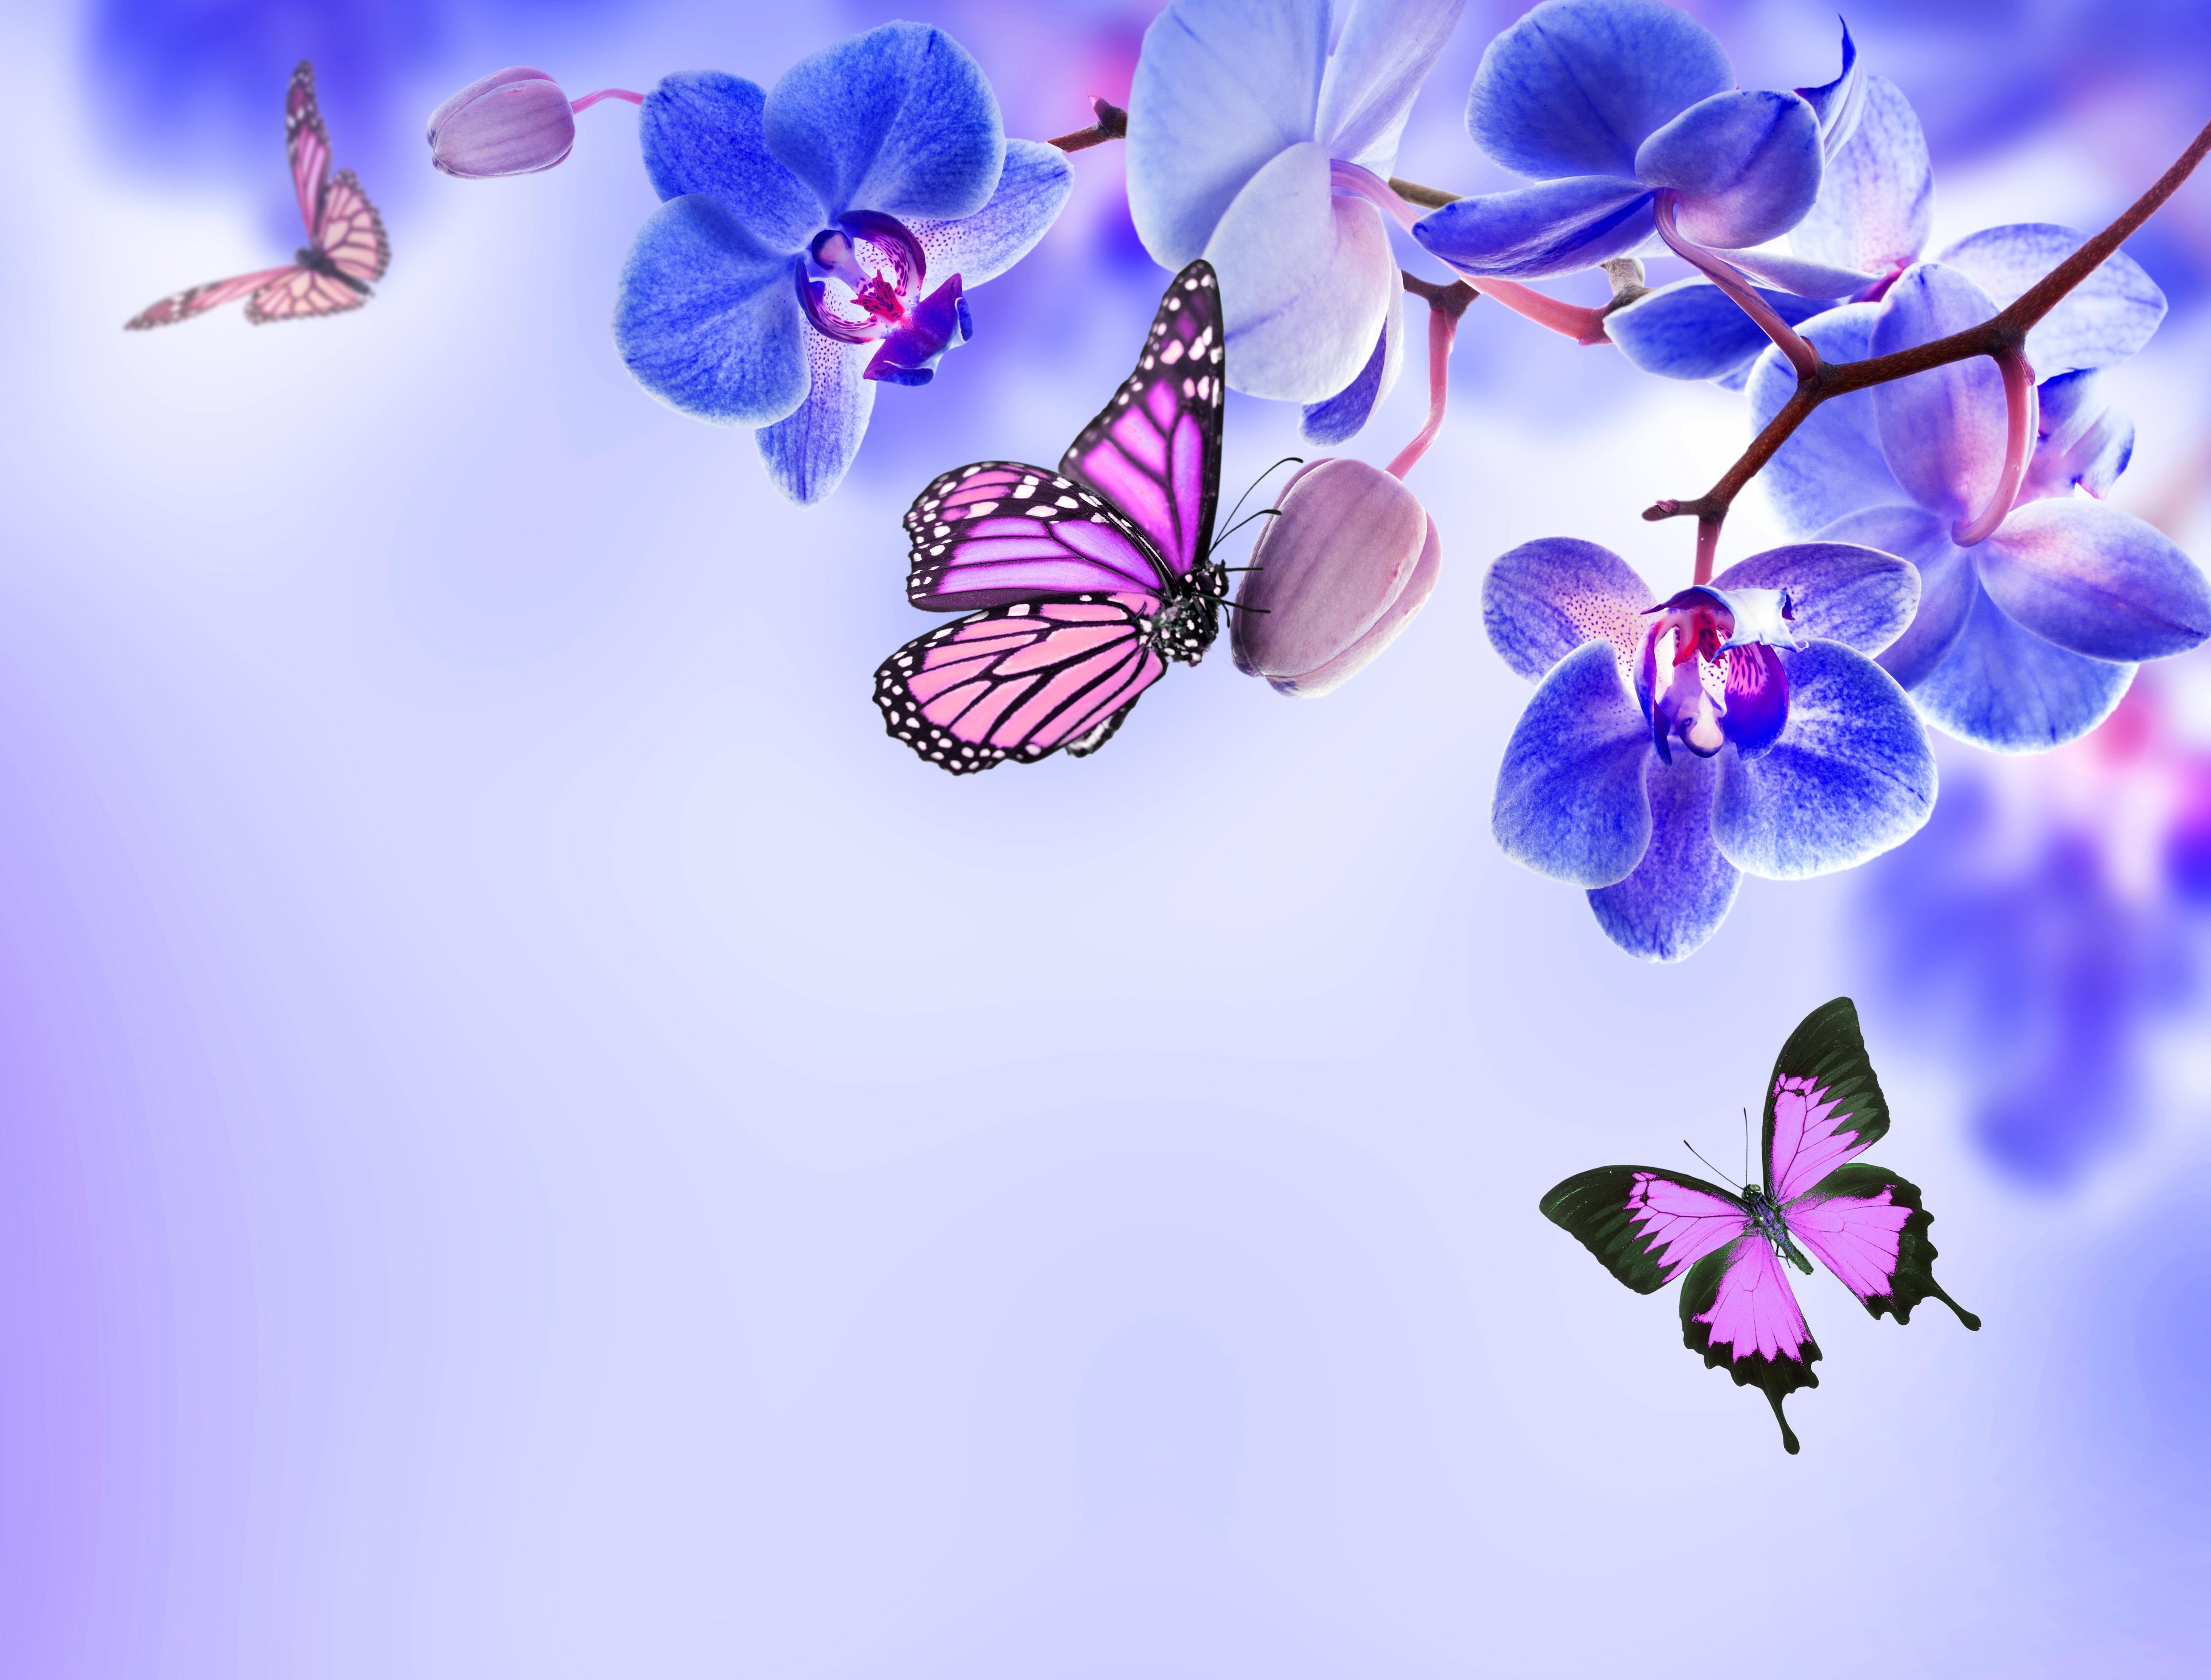 壁紙 5000x3800 蘭花 蝴蝶 君主斑蝶 花卉 下载 照片